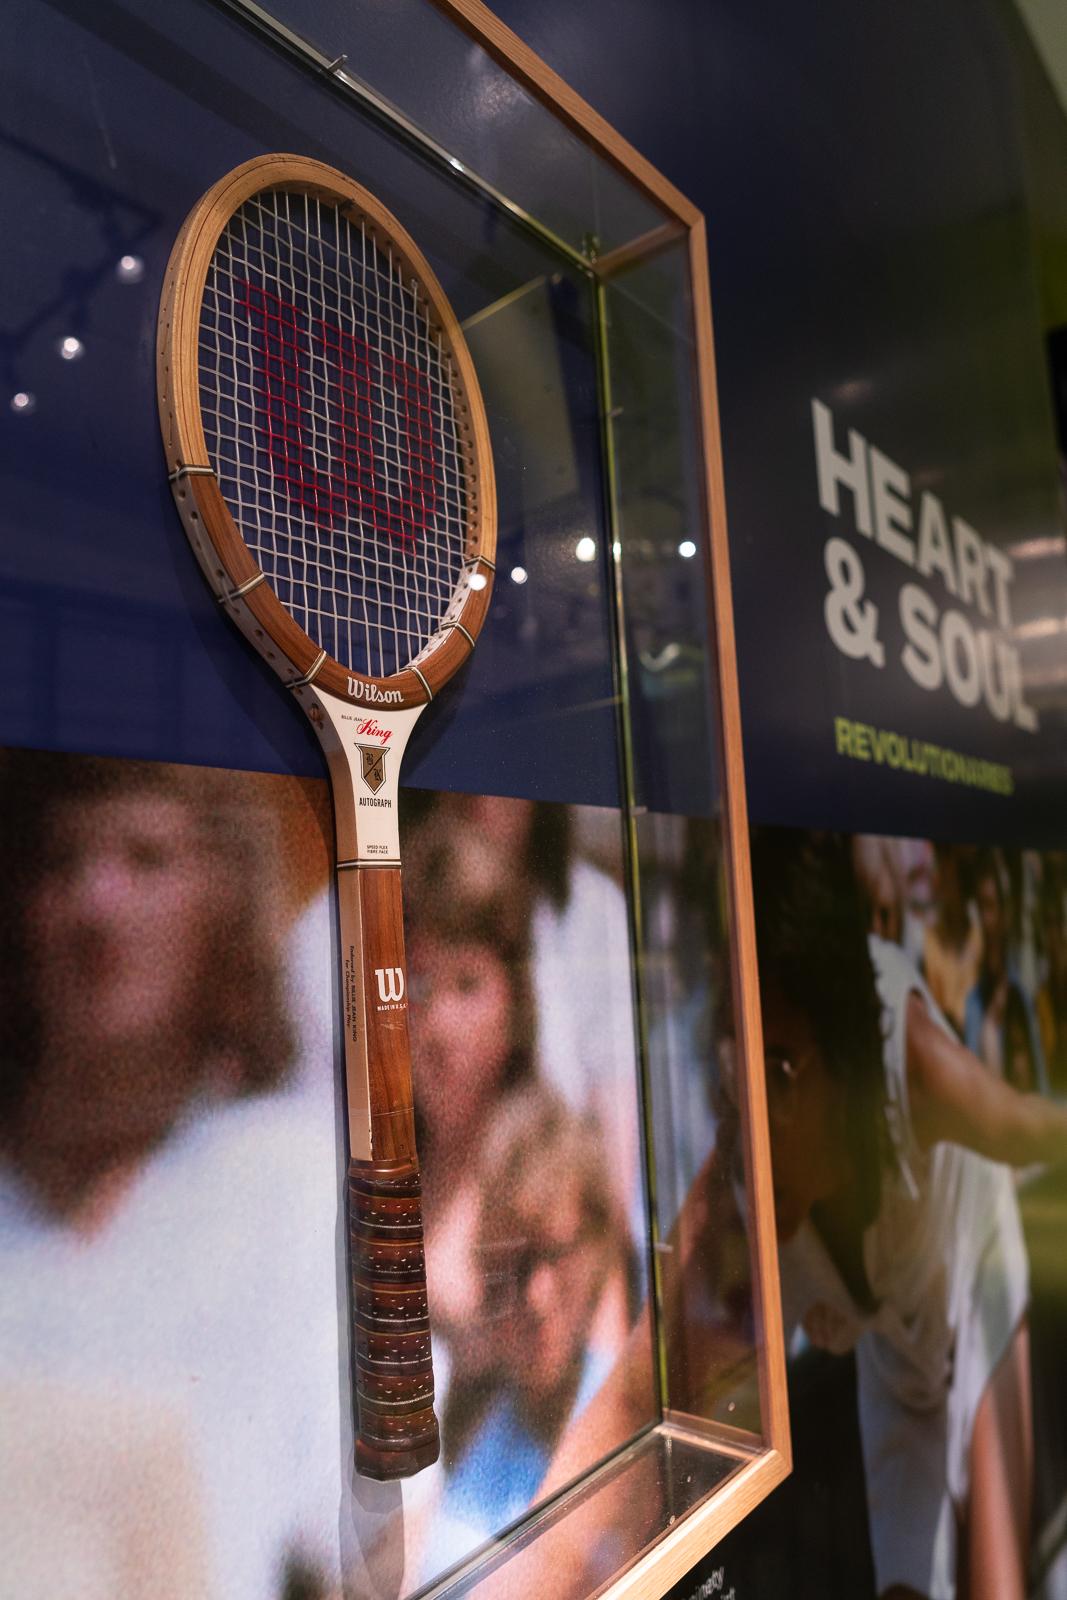 racket in exhibit